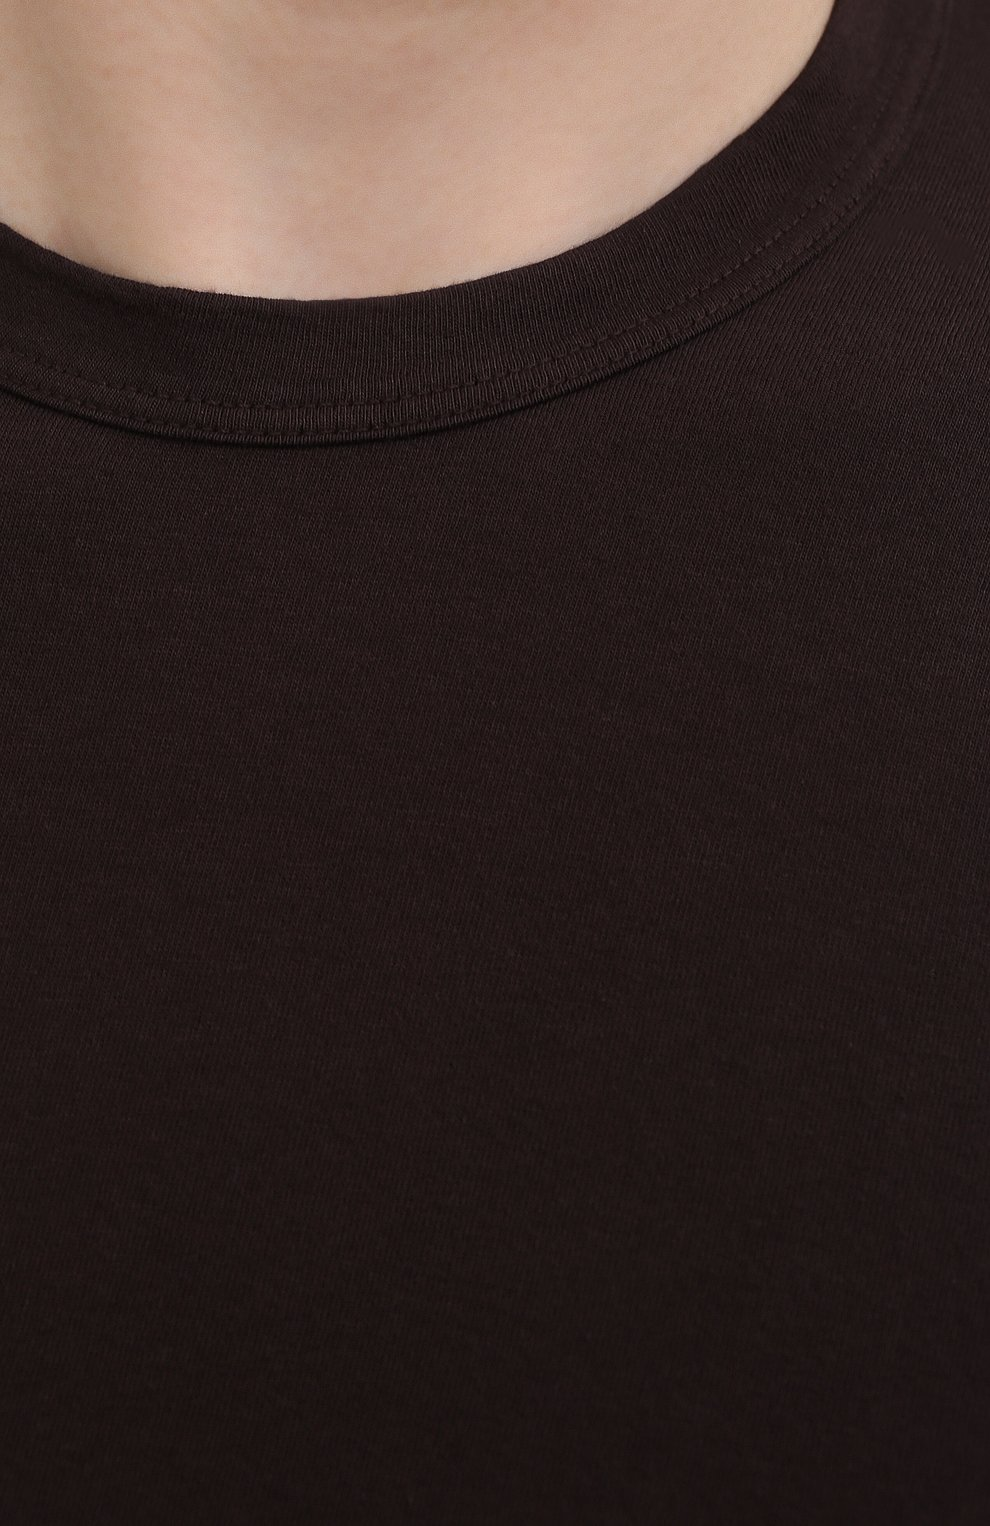 Мужская хлопковая футболка JAMES PERSE темно-коричневого цвета, арт. MLJ3311 | Фото 5